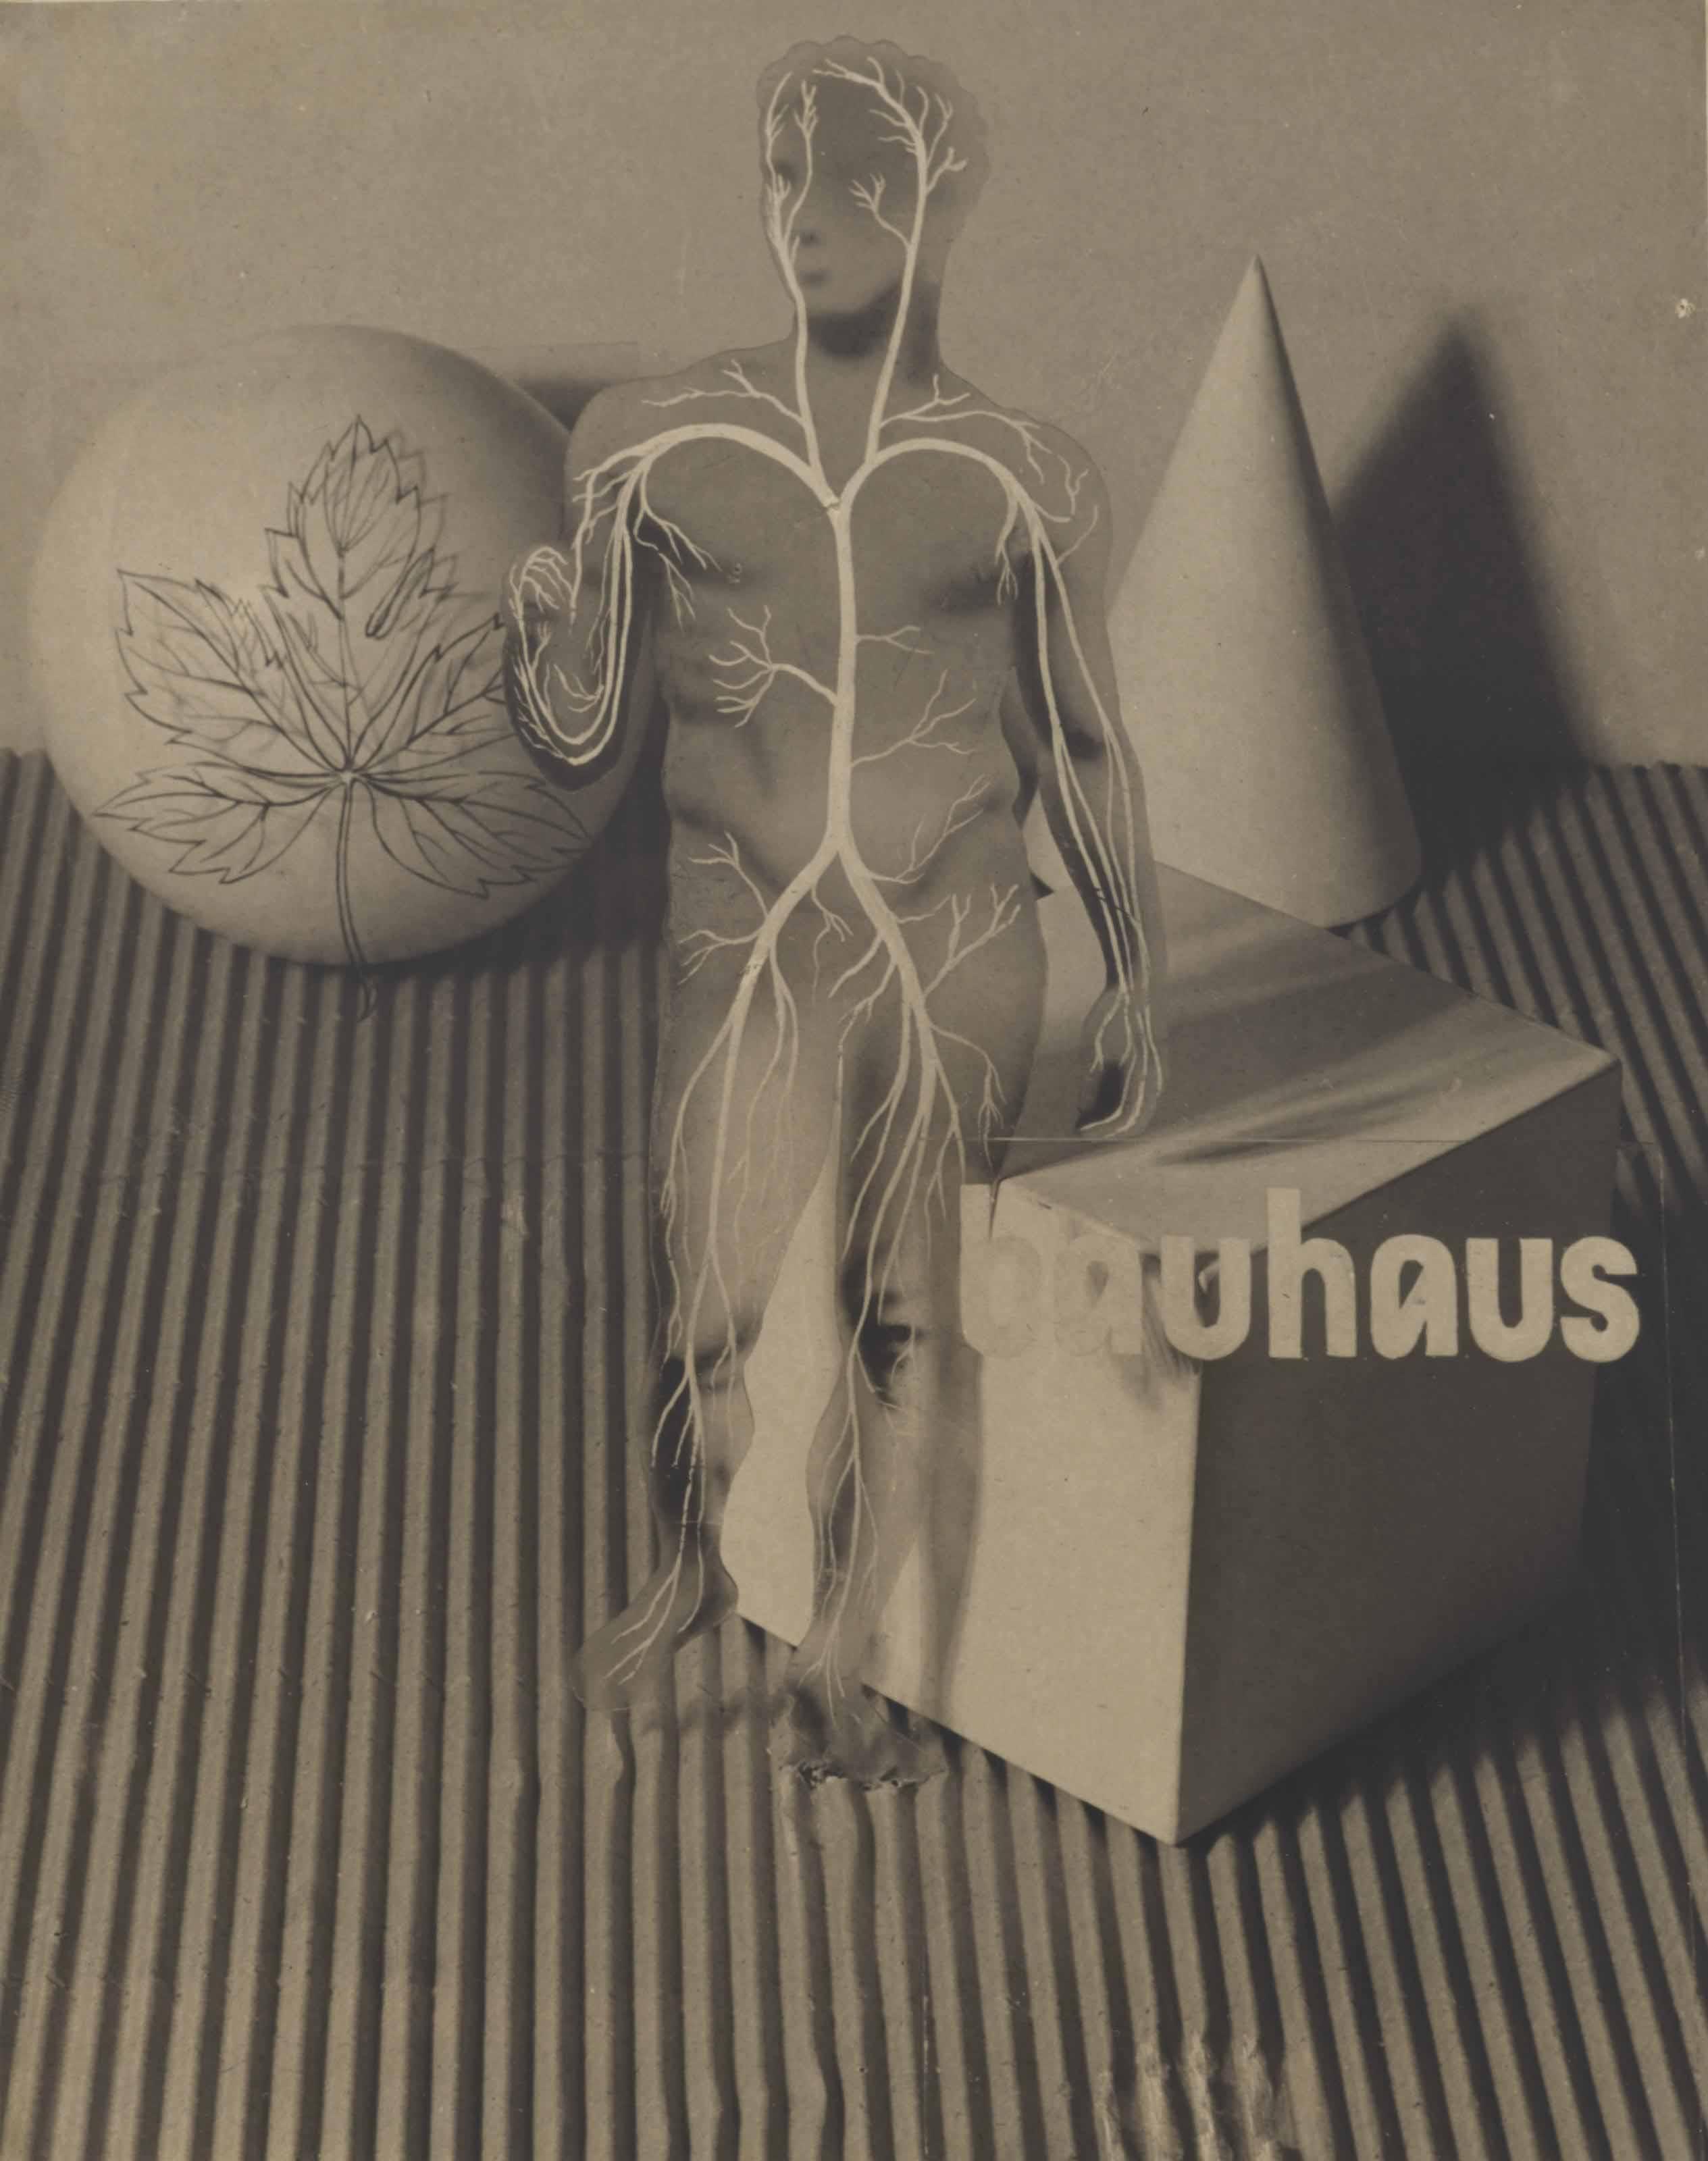 Bauhaus Book Jacket, c. 1938